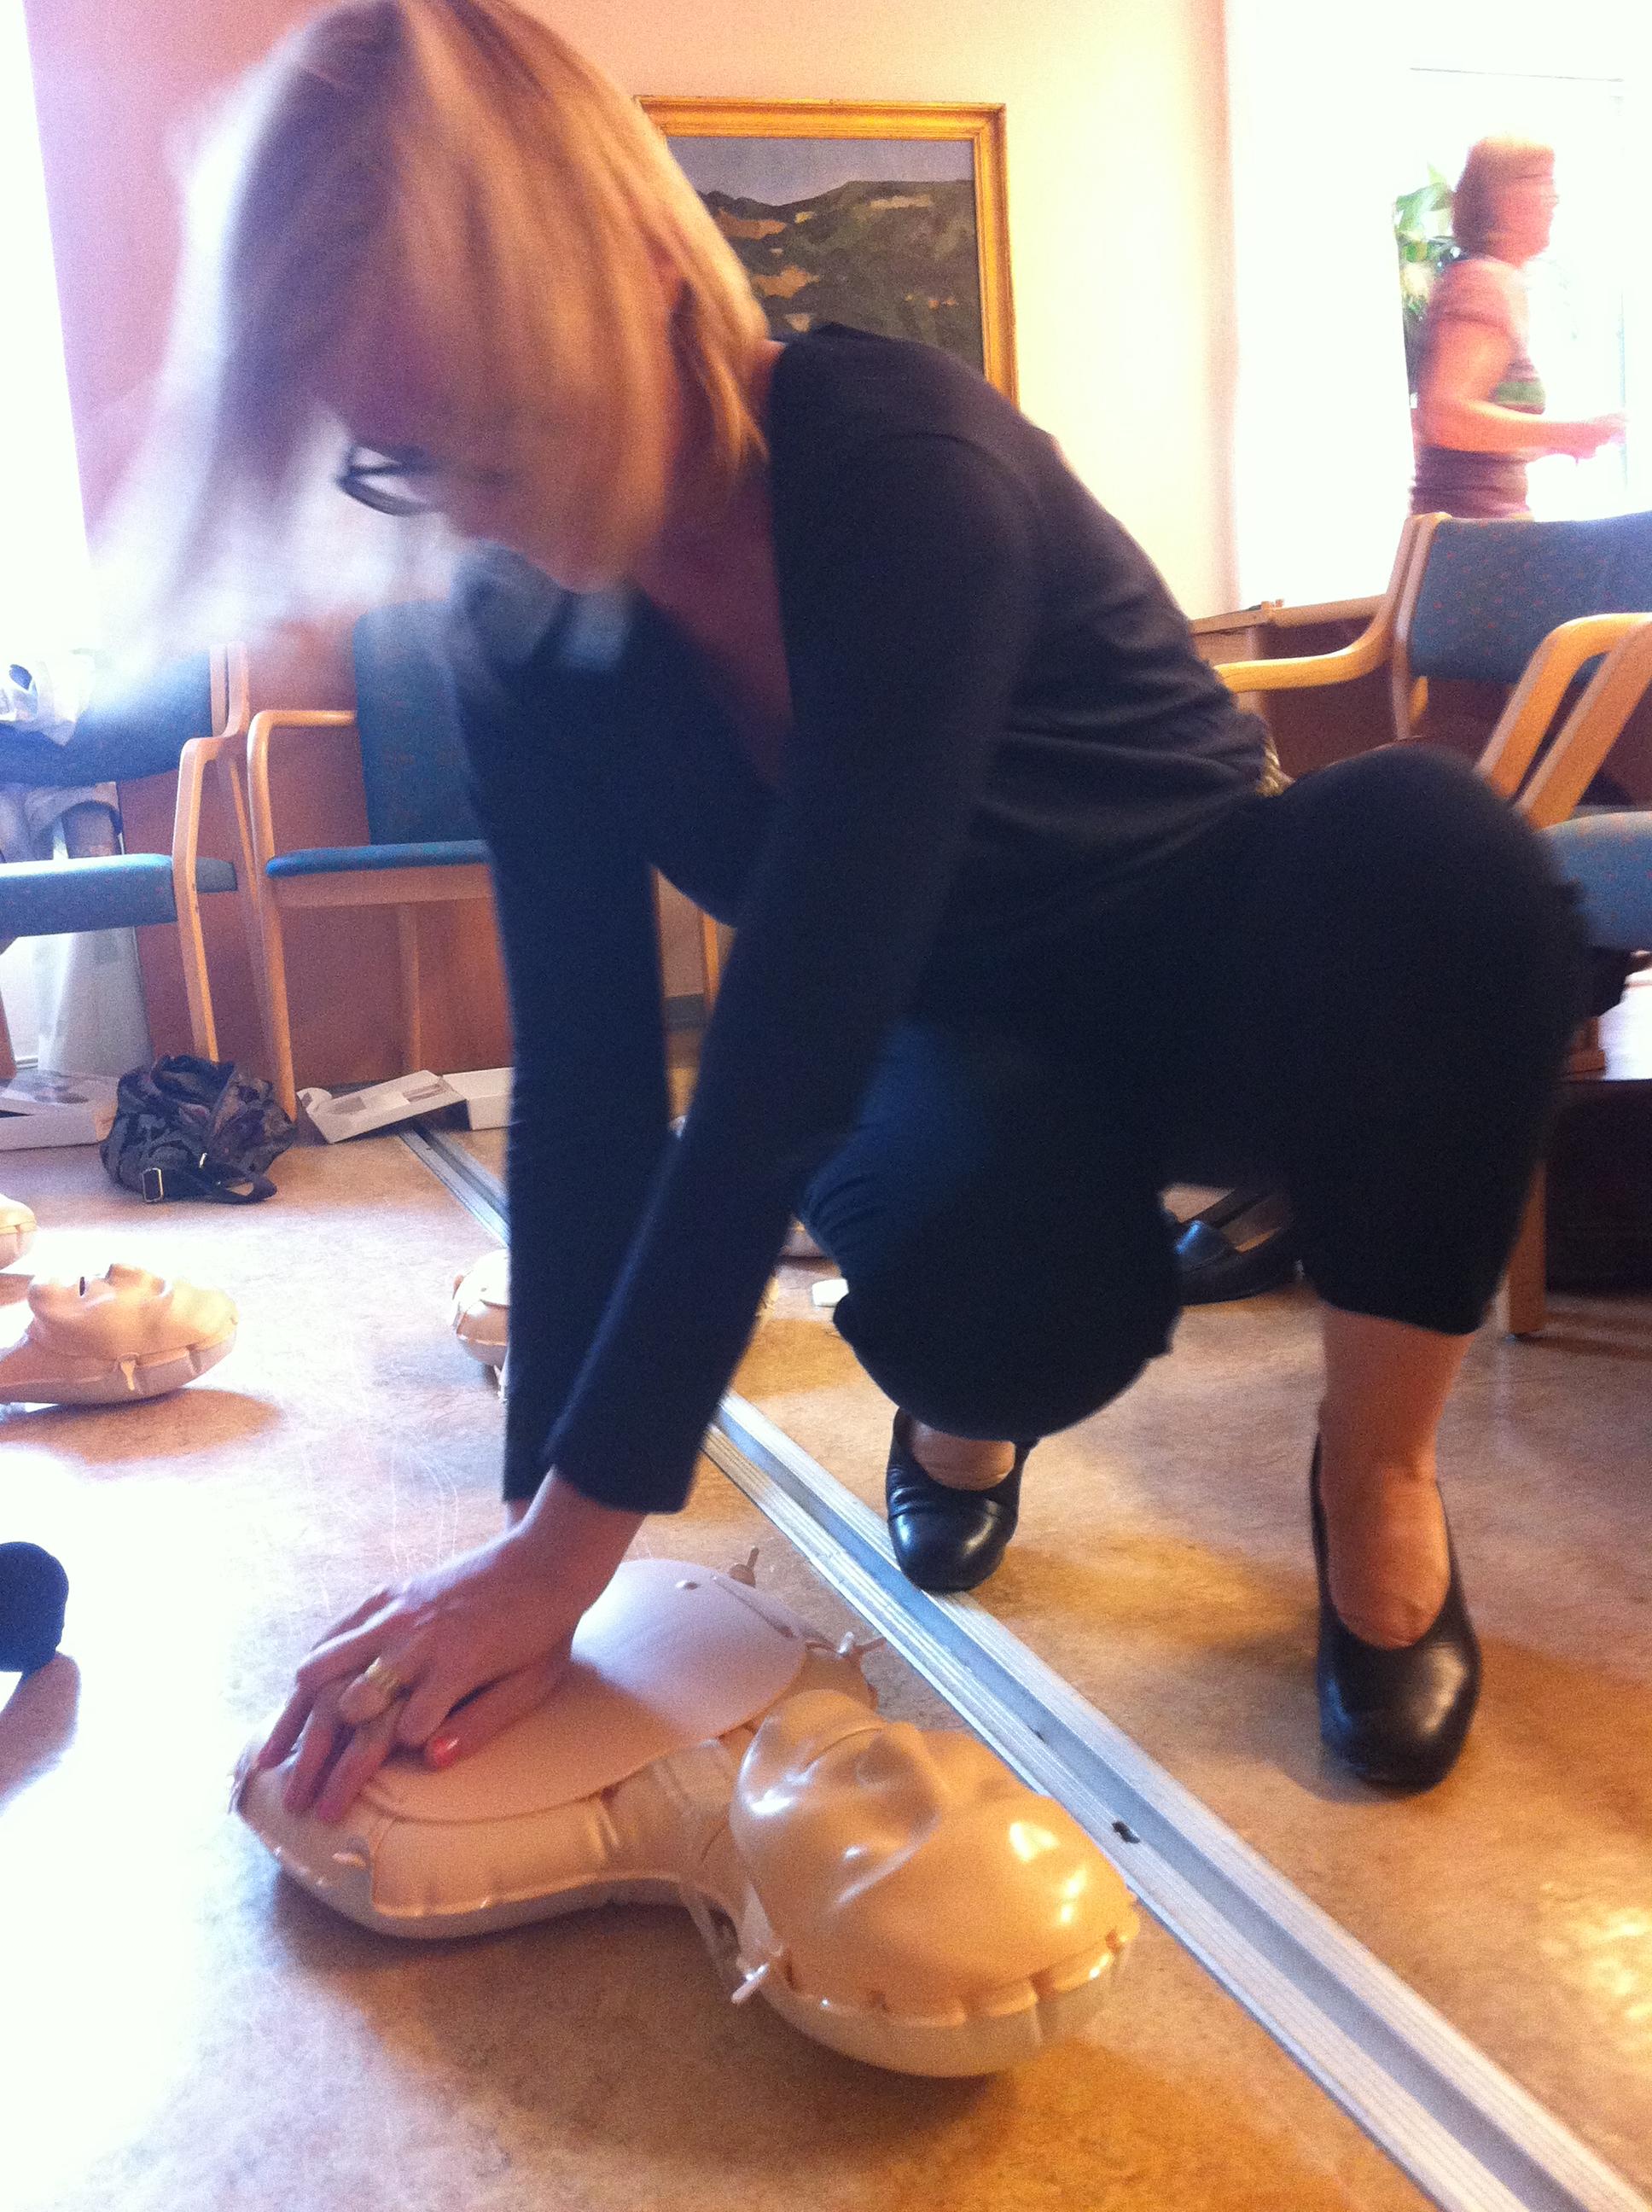 Jag ger dockan Mini-Anne hjärt-lungräddning och snart vore hon på benen igen om hon haft några. (Dockan har bara huvud, hals och bröstkort)